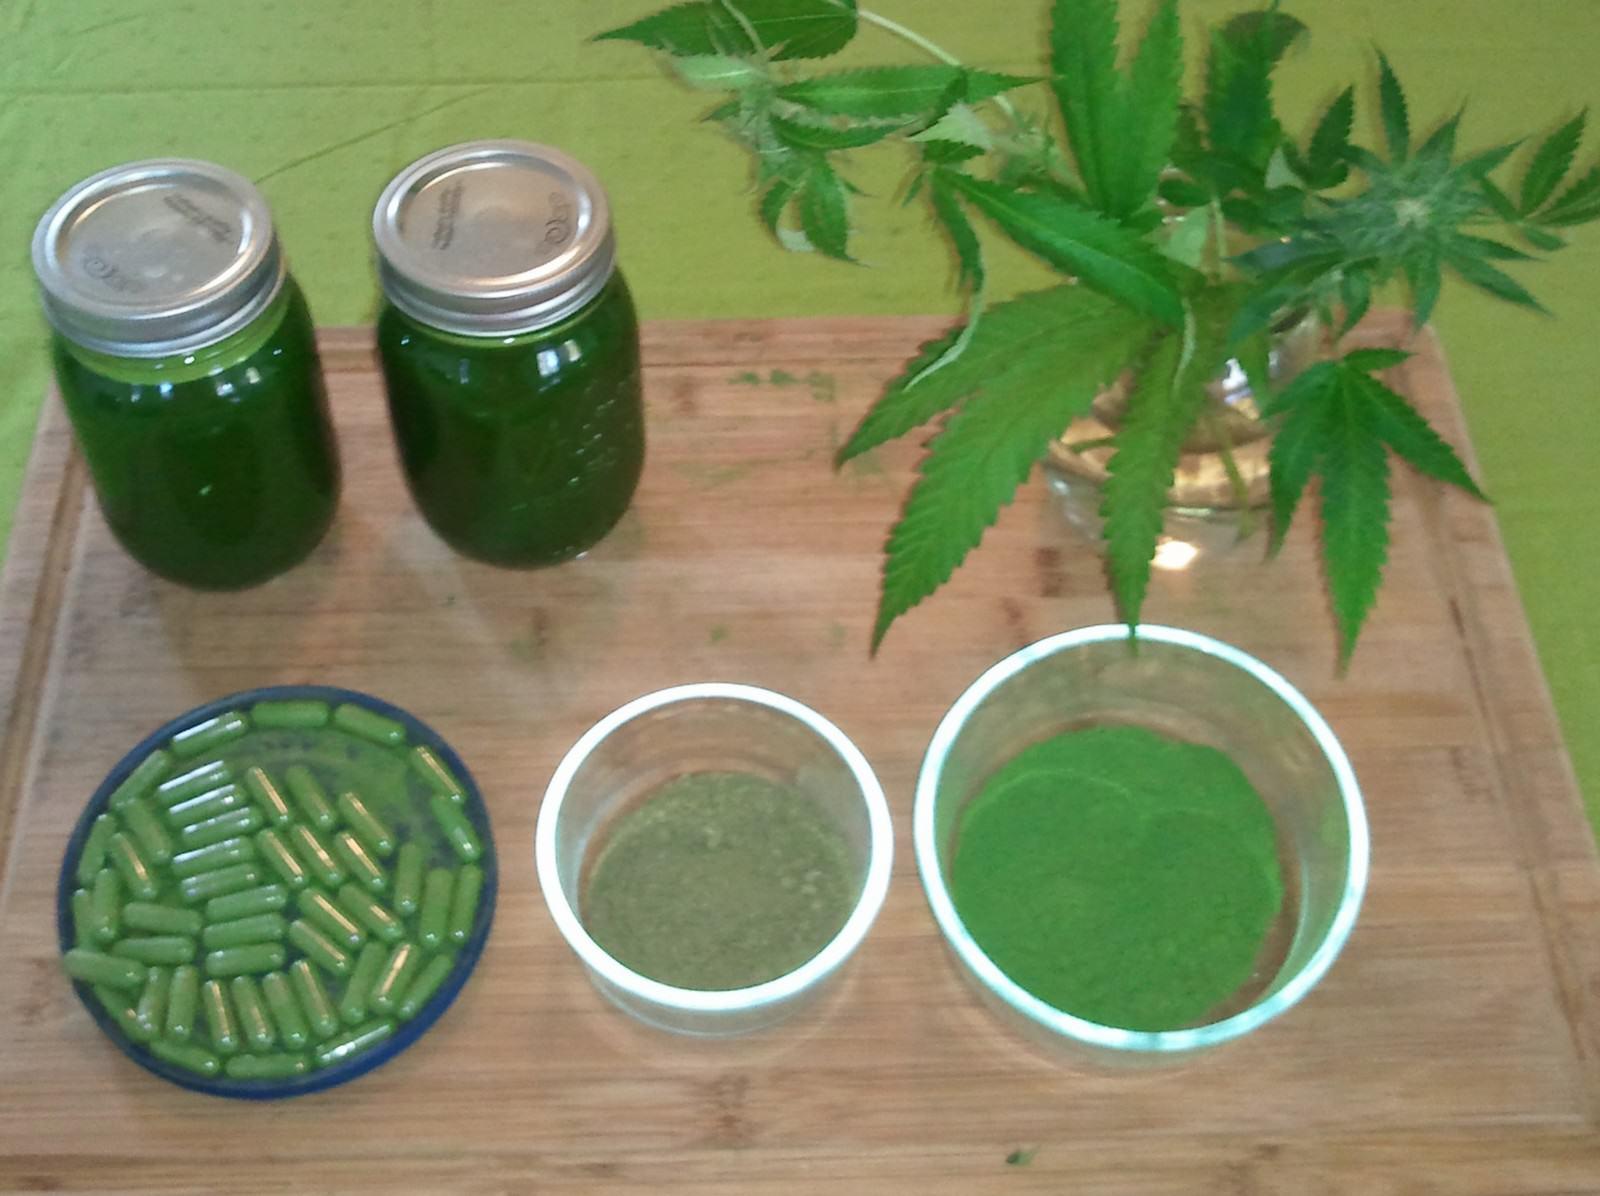 Как приготовить конопли в домашних условиях что будет если я дома выращиваю коноплю